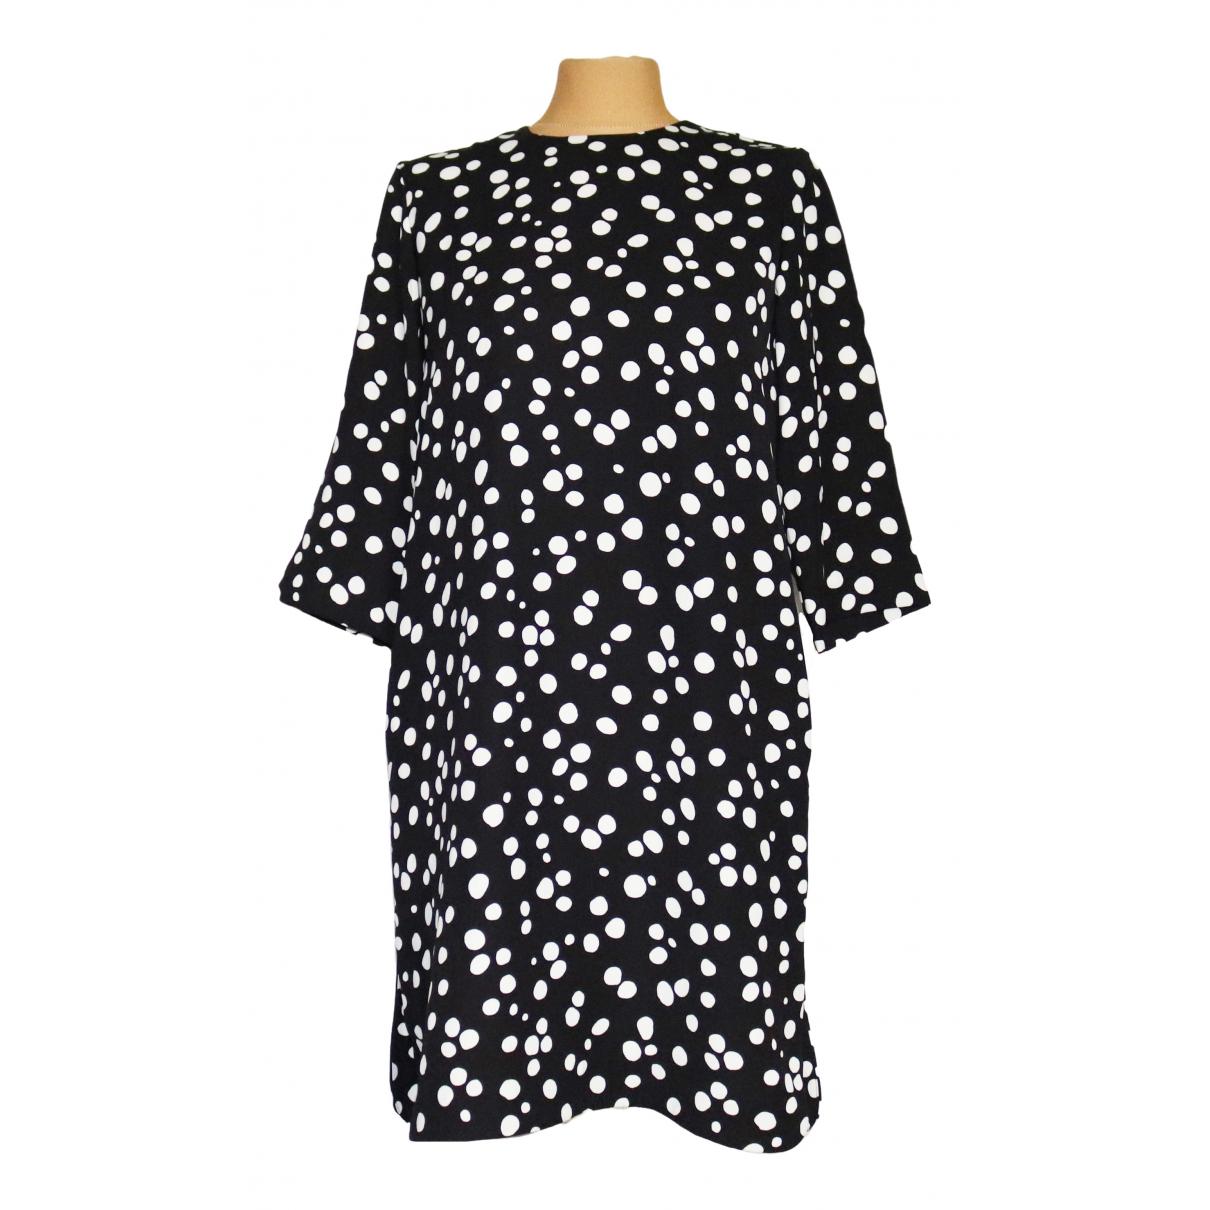 & Stories \N Black dress for Women 34 FR